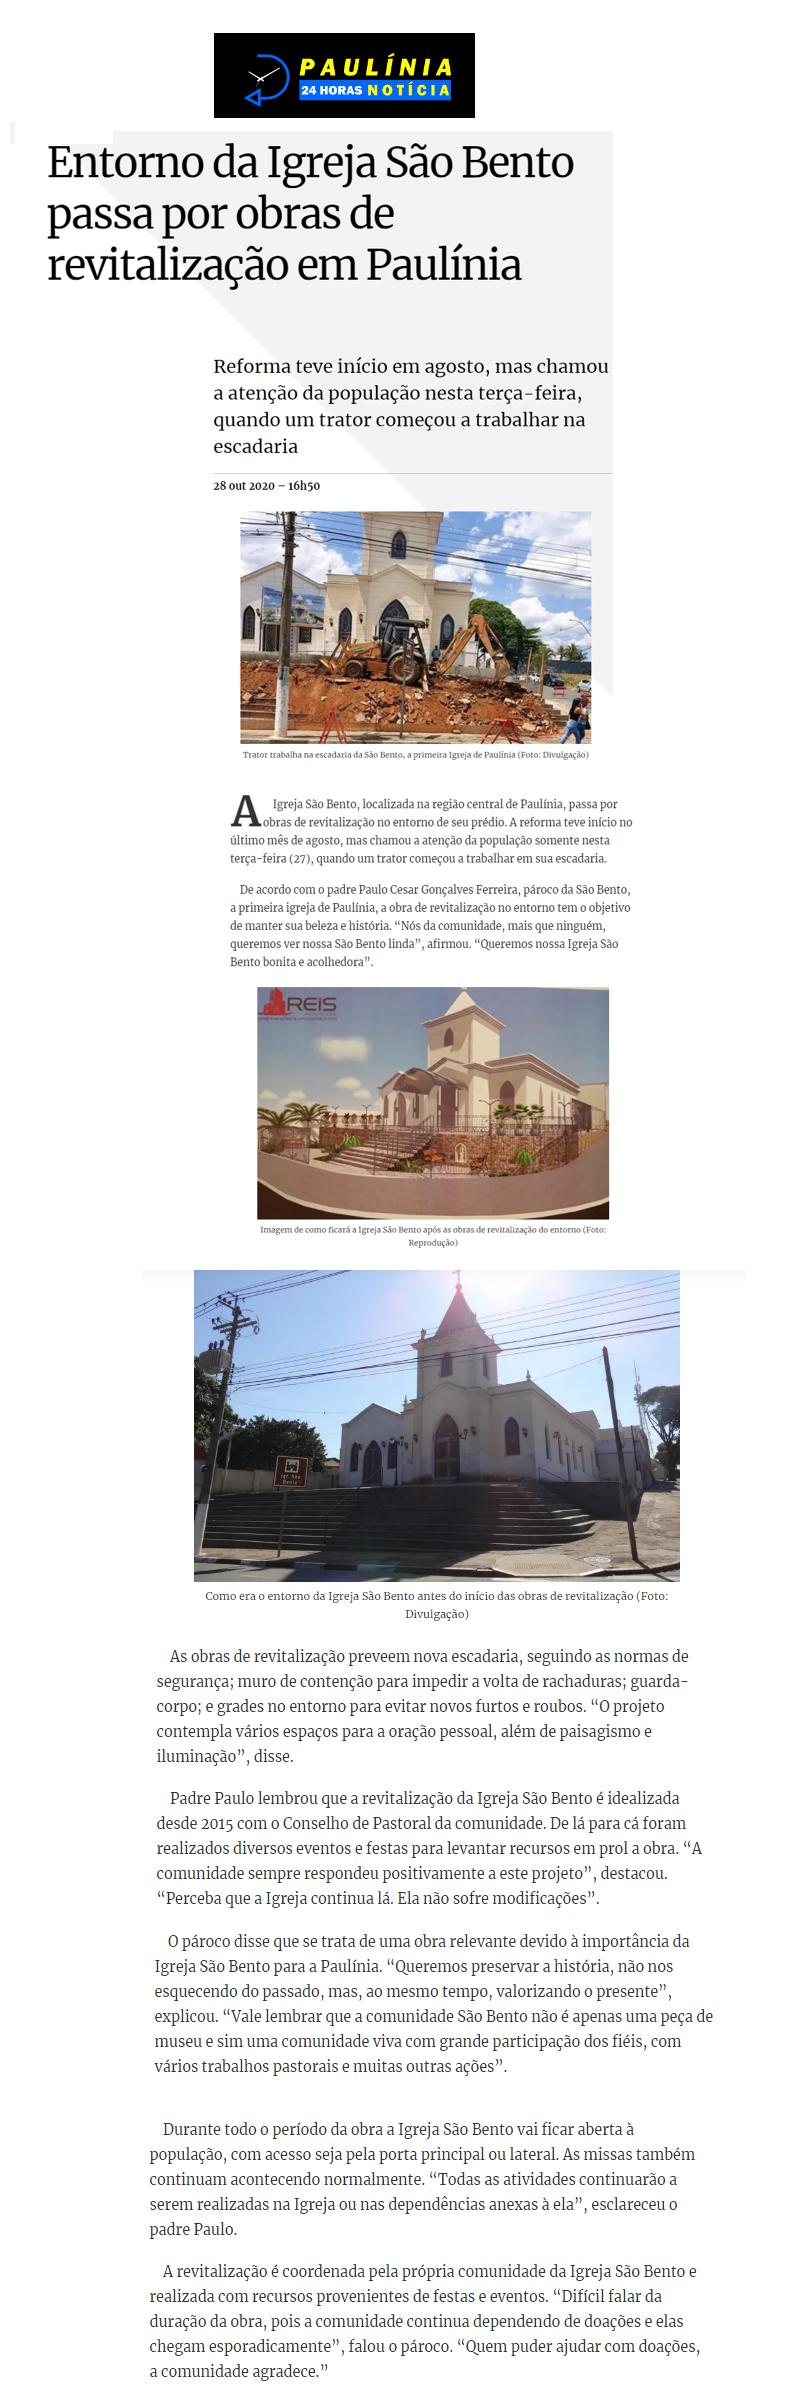 Comunidade São Bento: Revitalização no entorno - Jornal Paulínia 24 Horas